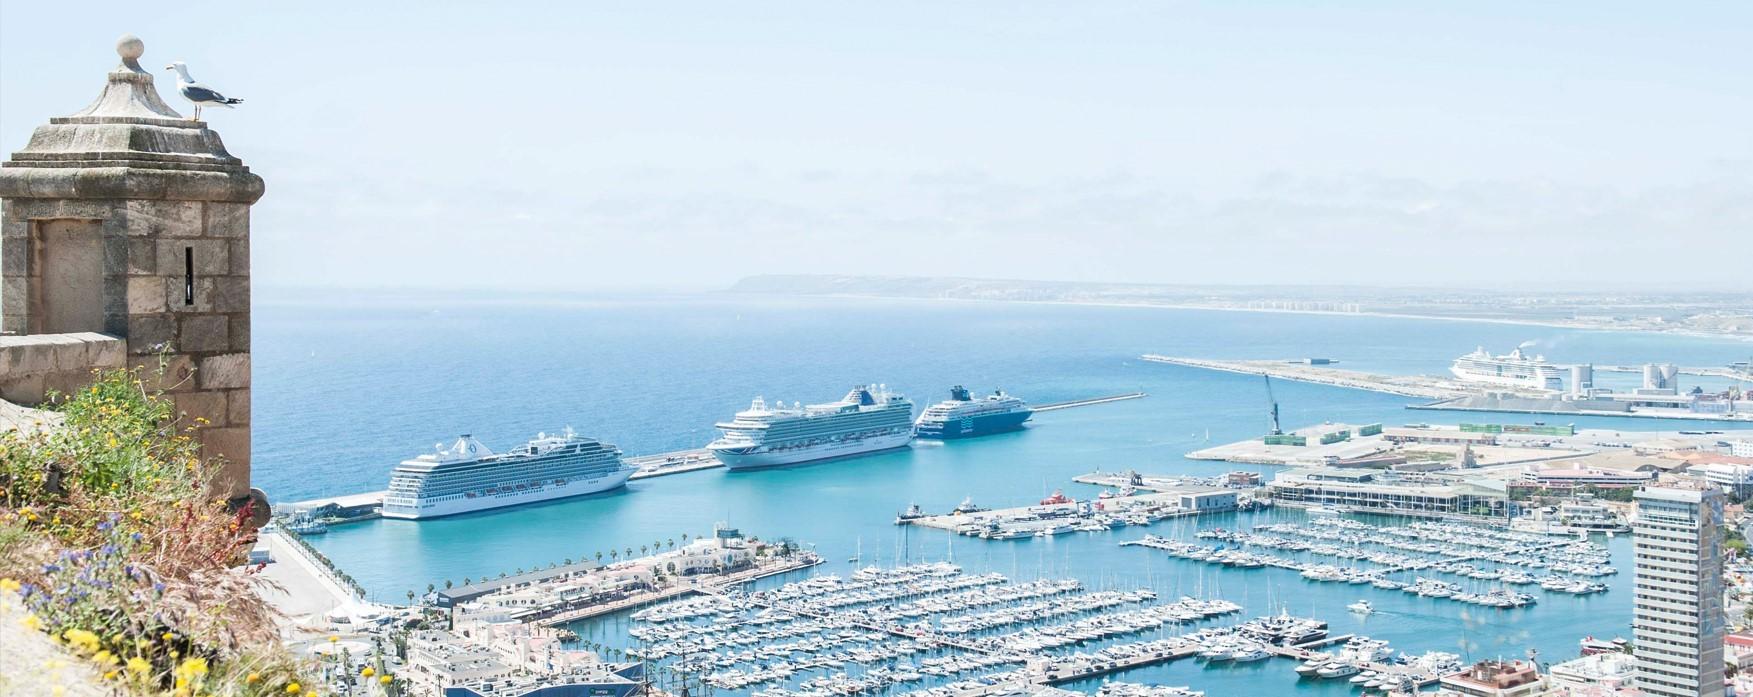 Comienza la temporada de cruceros en Alicante, casi 50 escalas confirmadas